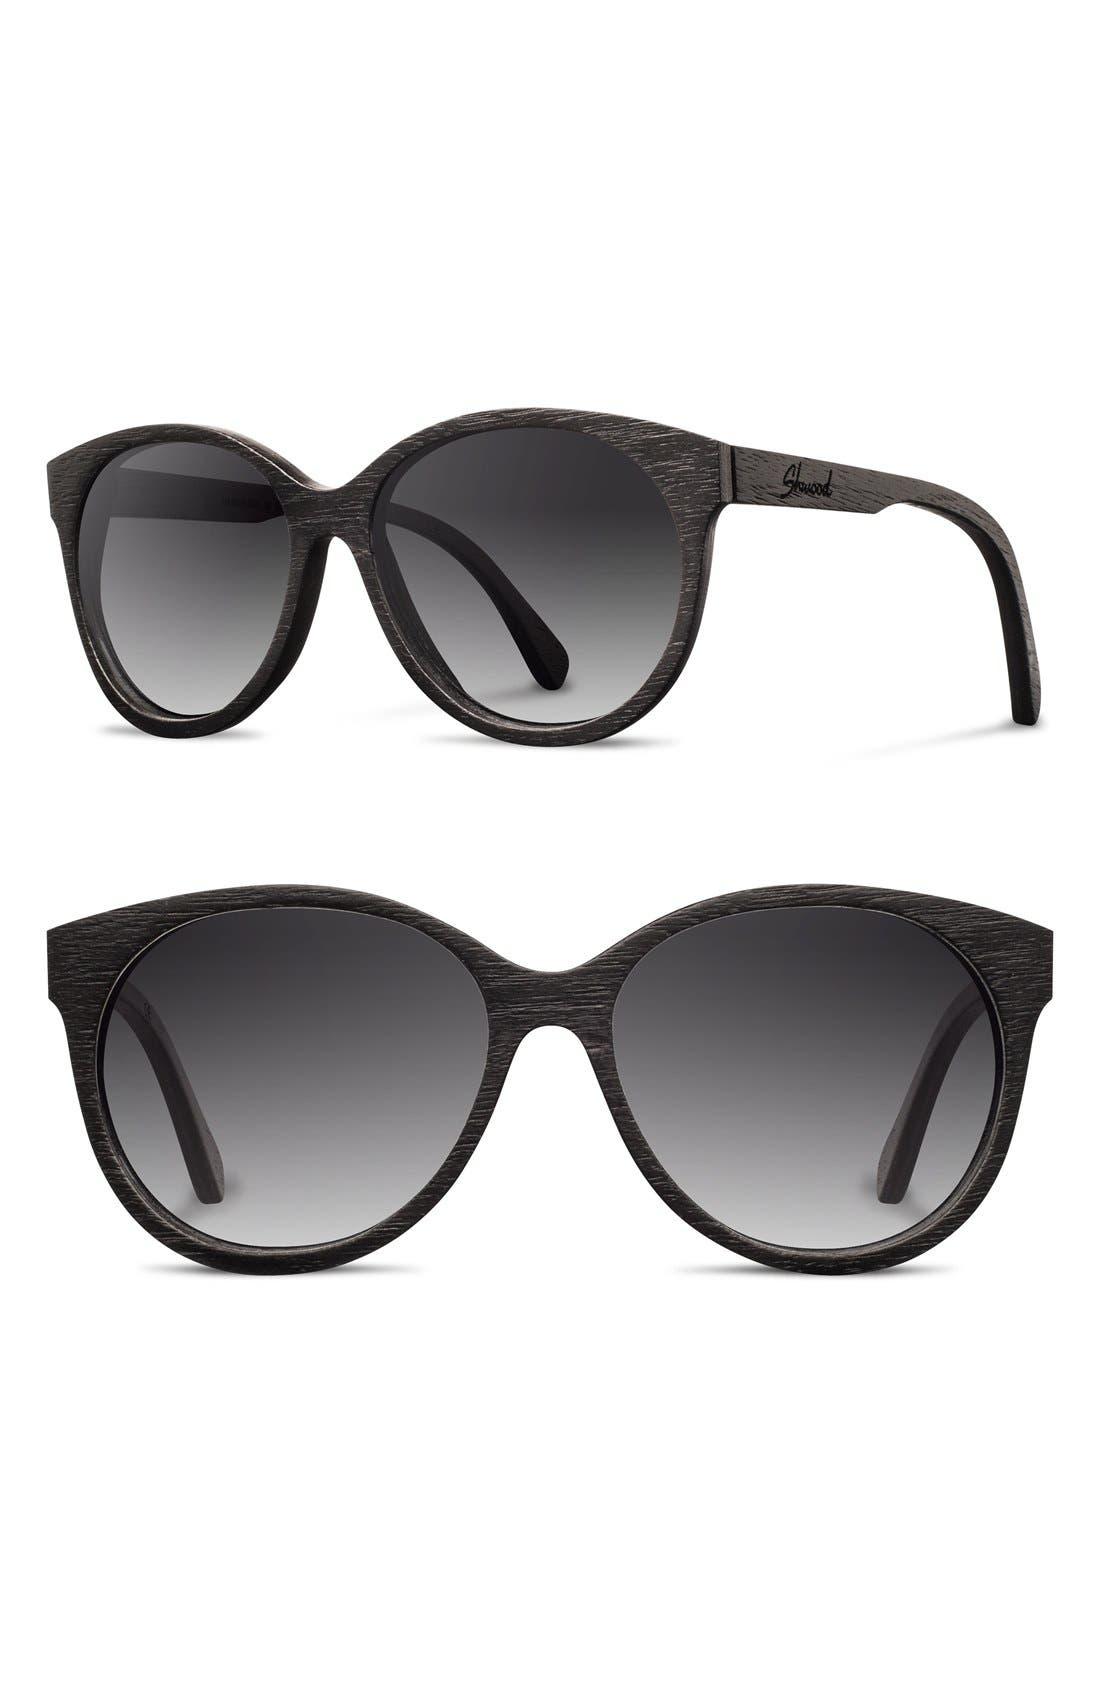 Shwood 'Madison' 54mm Round Polarized Wood Sunglasses